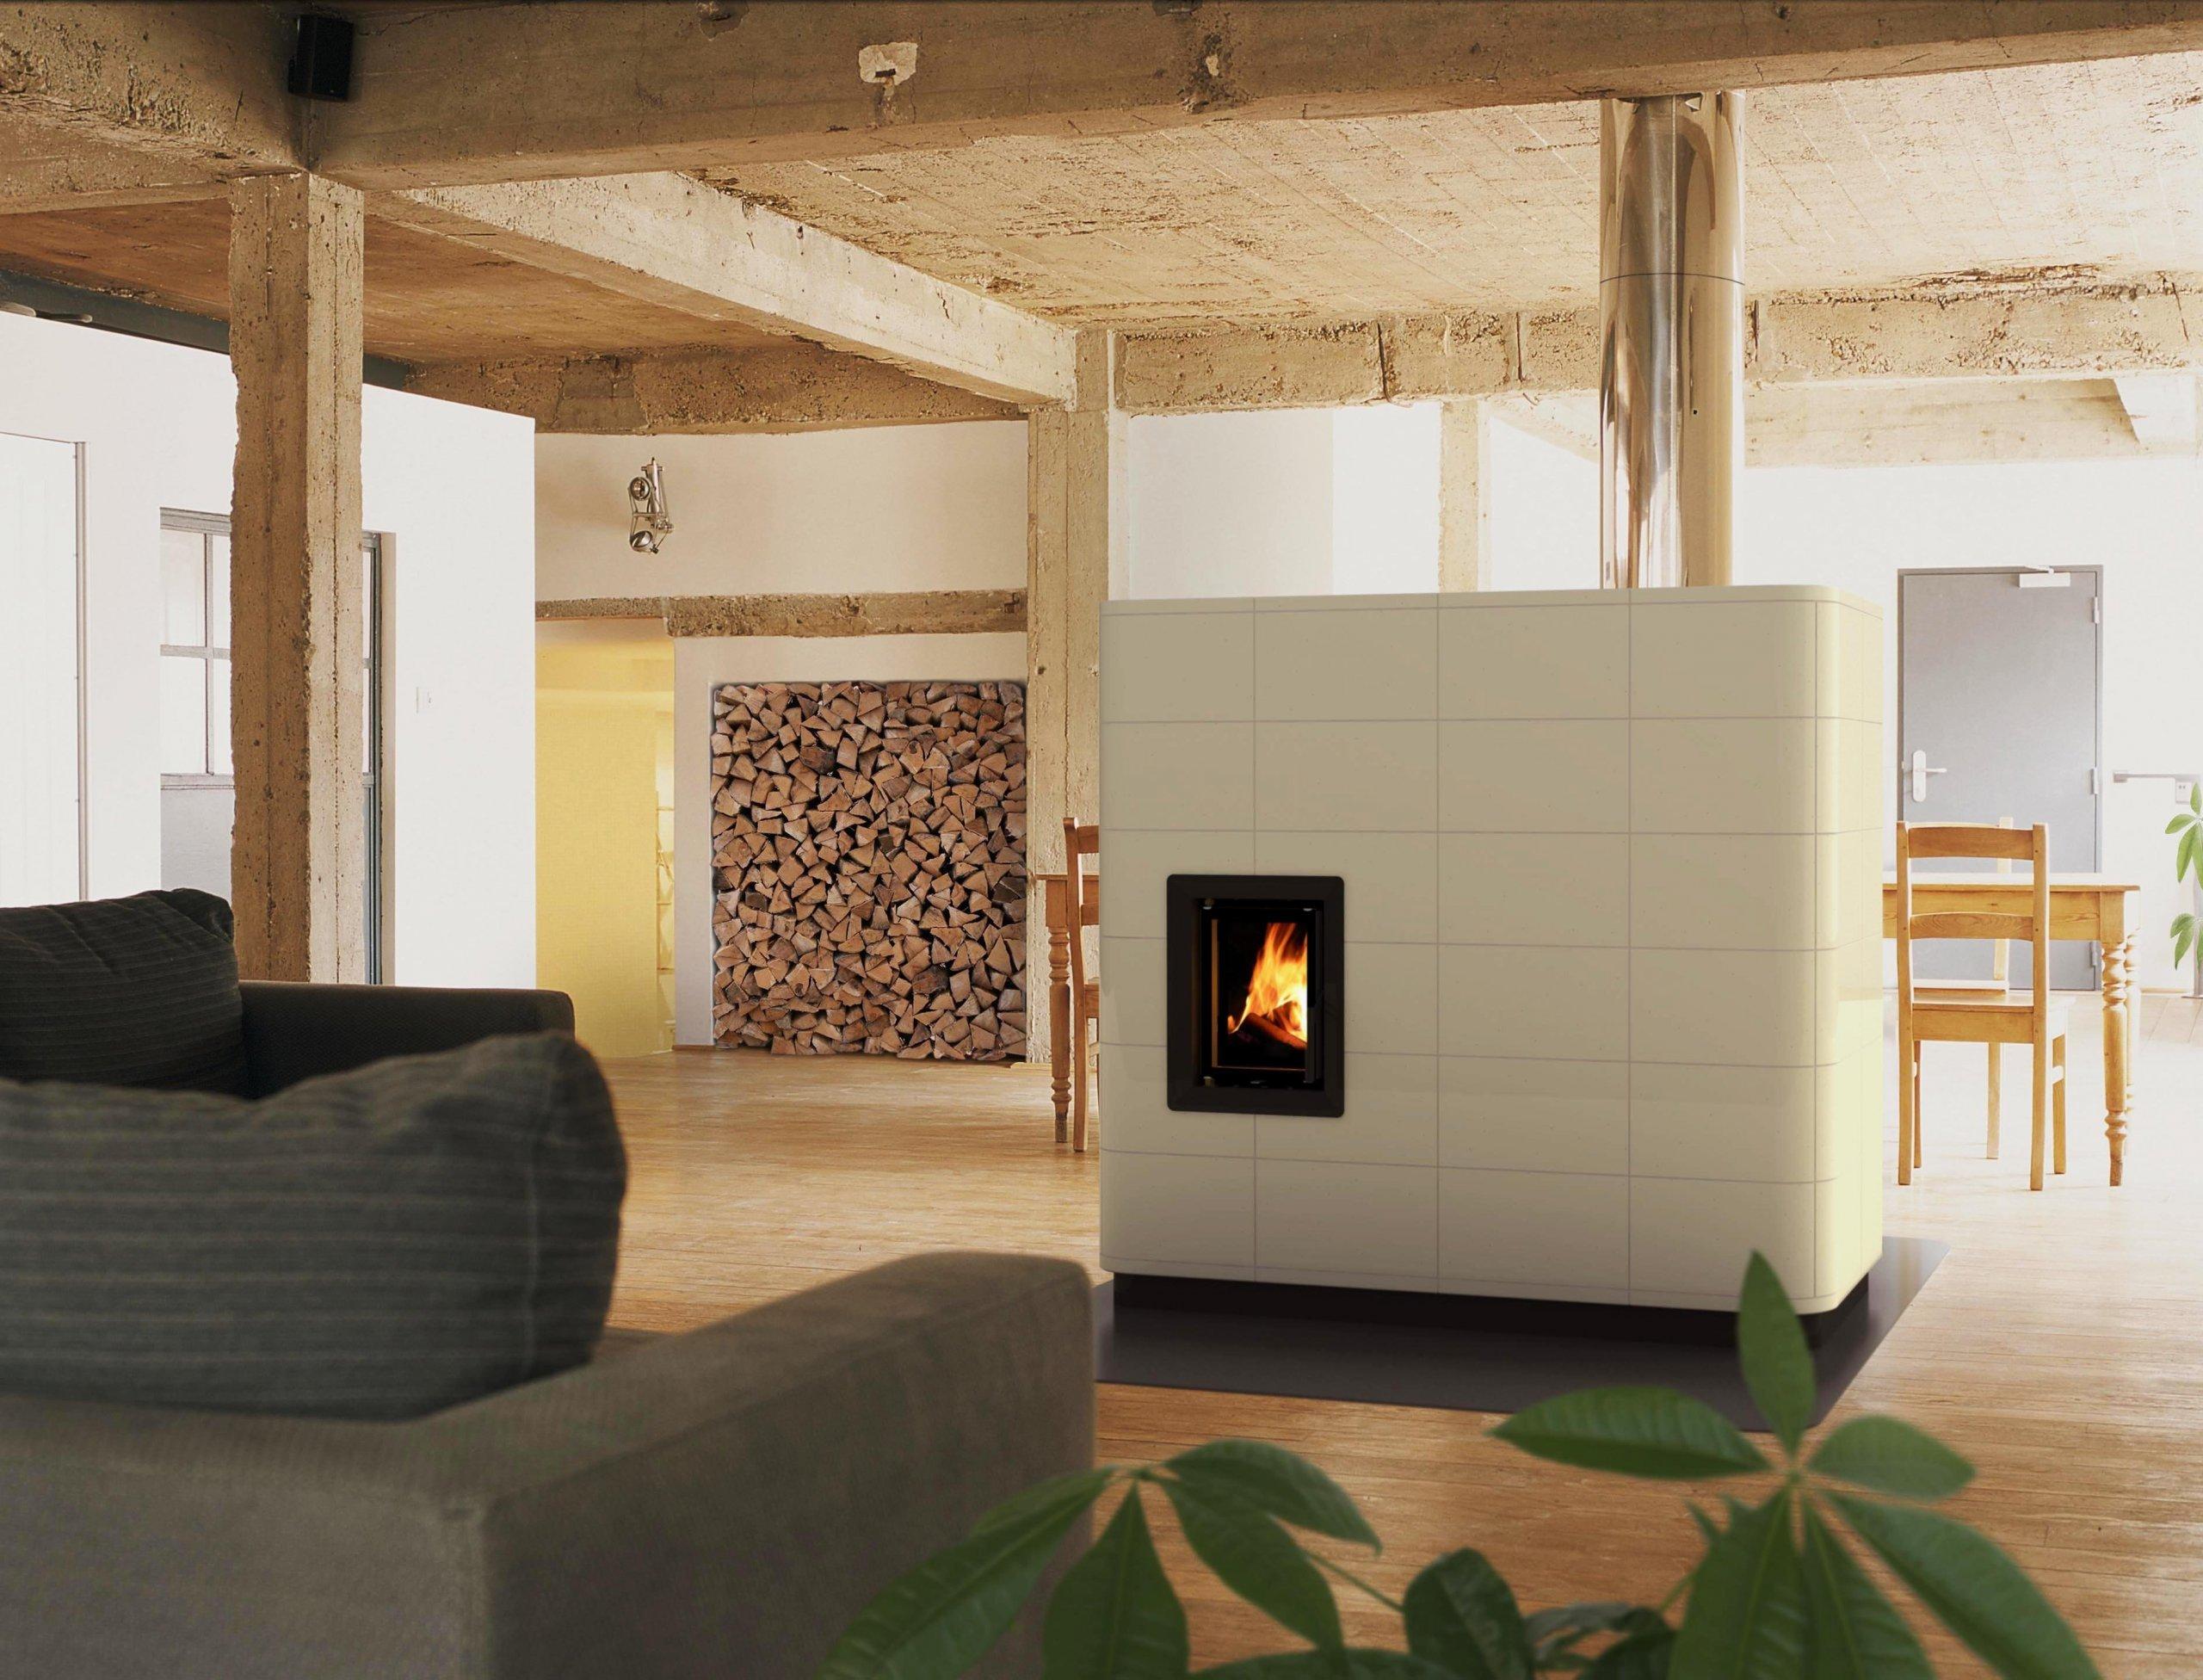 Kachlová kamna DIVA s kombinovanou funkcí sálání + teplovzduch (volitelně i s teplovodním výměníkem)